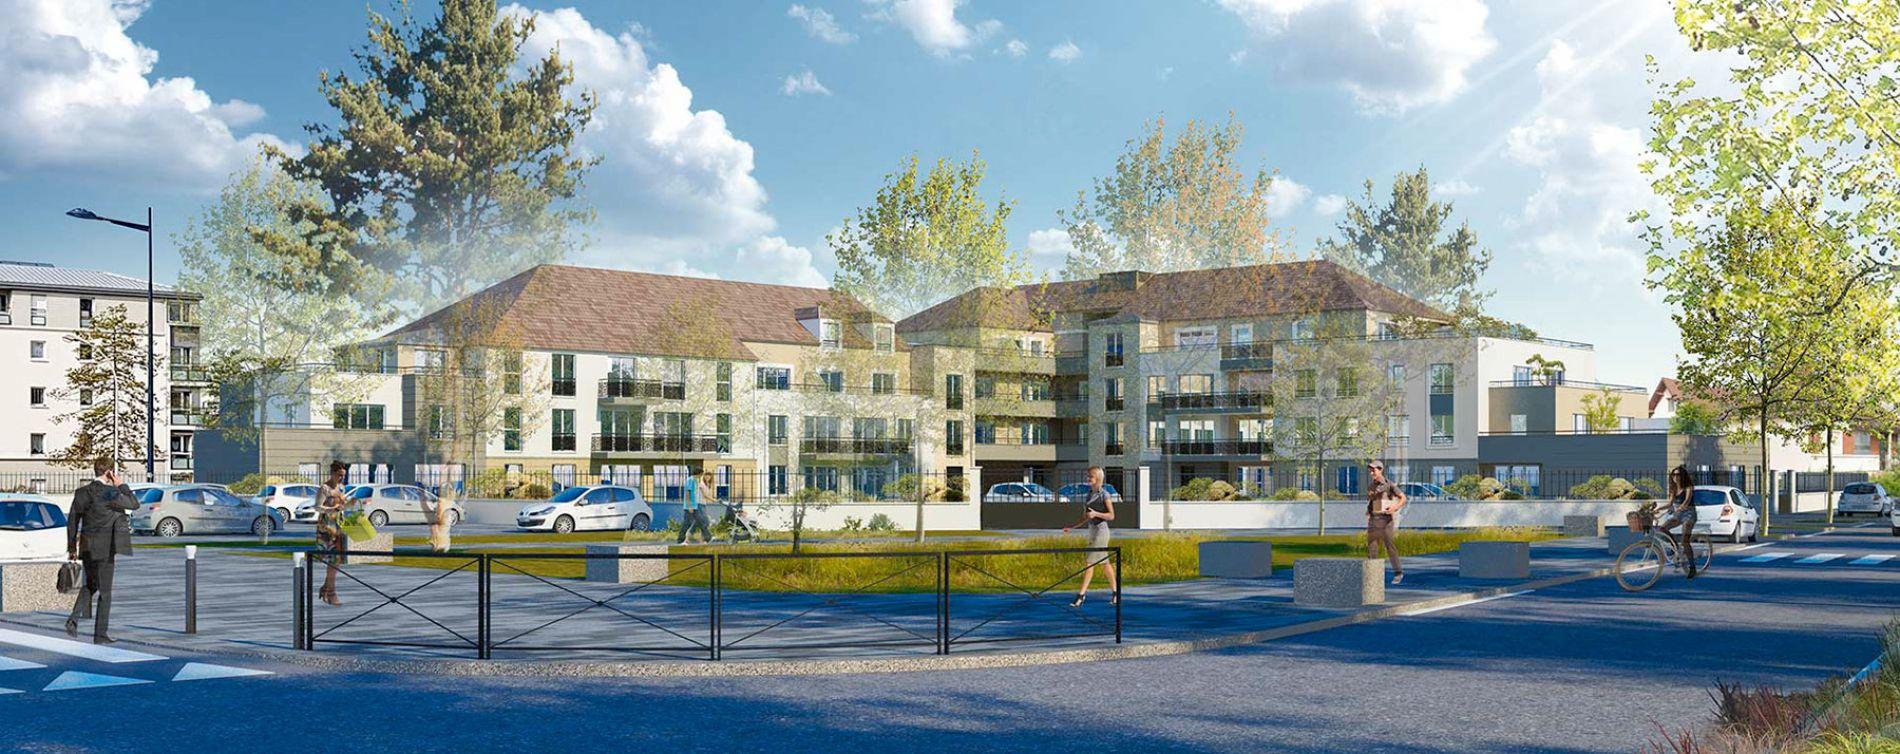 Résidence Flore & Lys à Dammarie-les-Lys